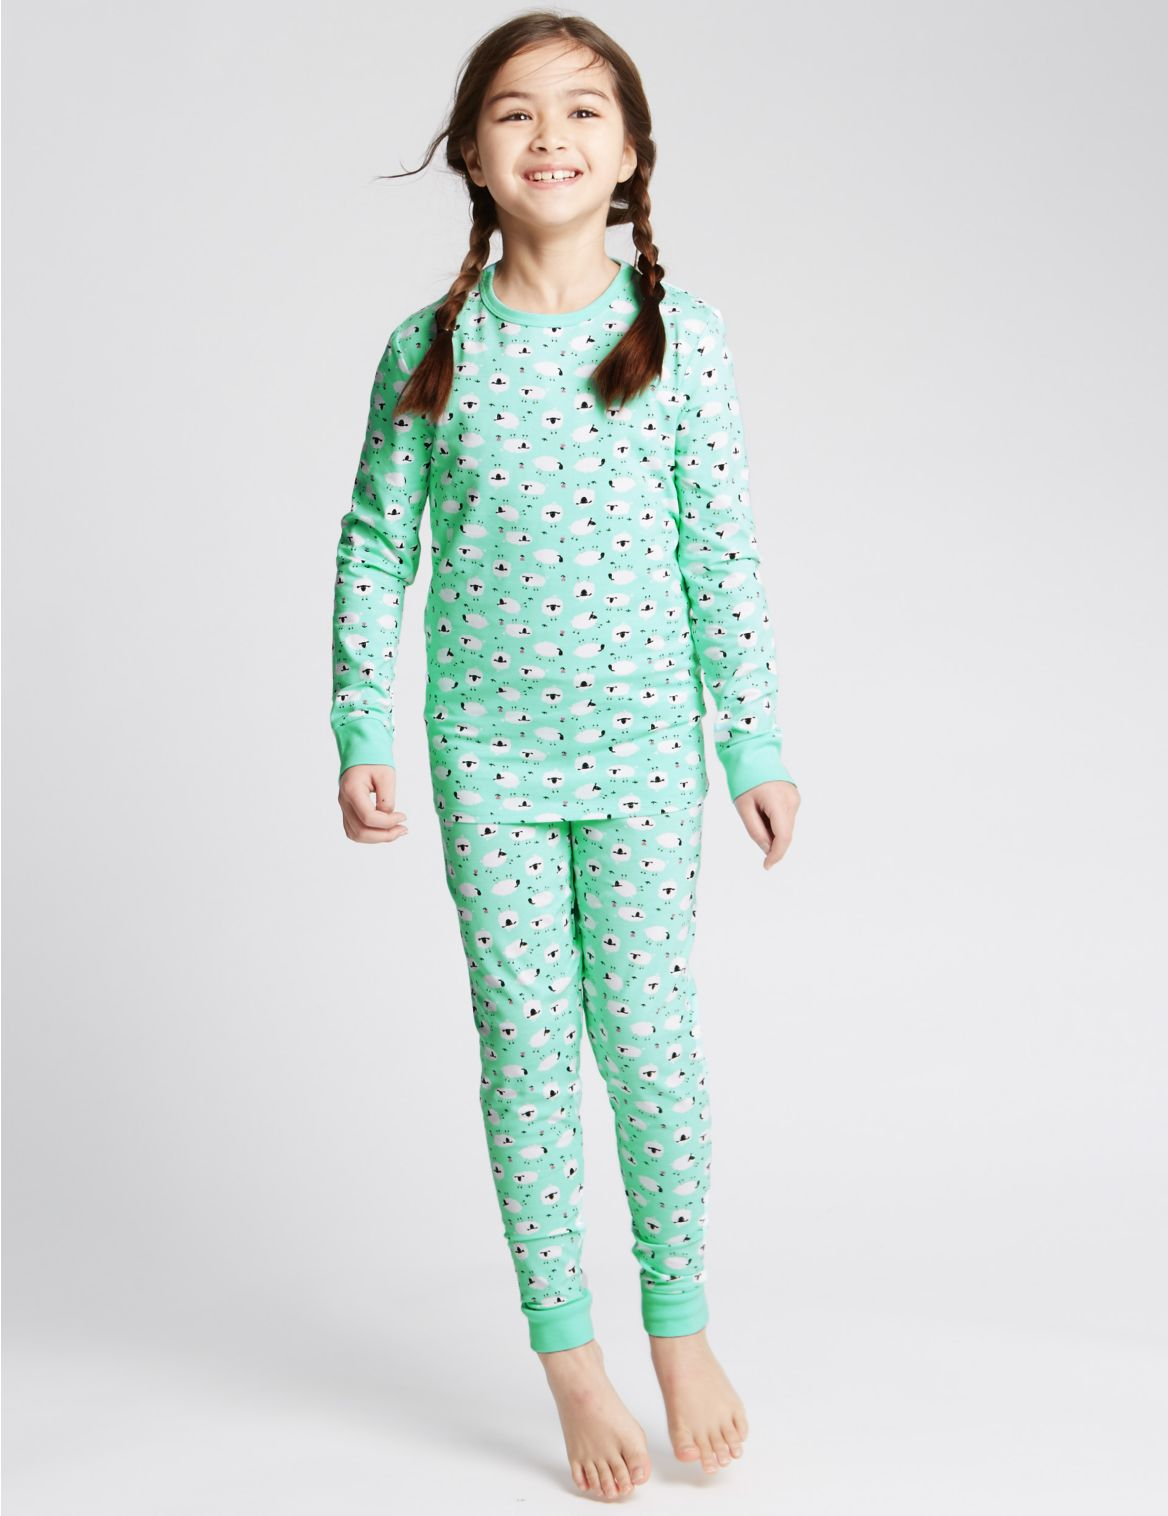 Pyjama met dierenmotief (116 jaar)